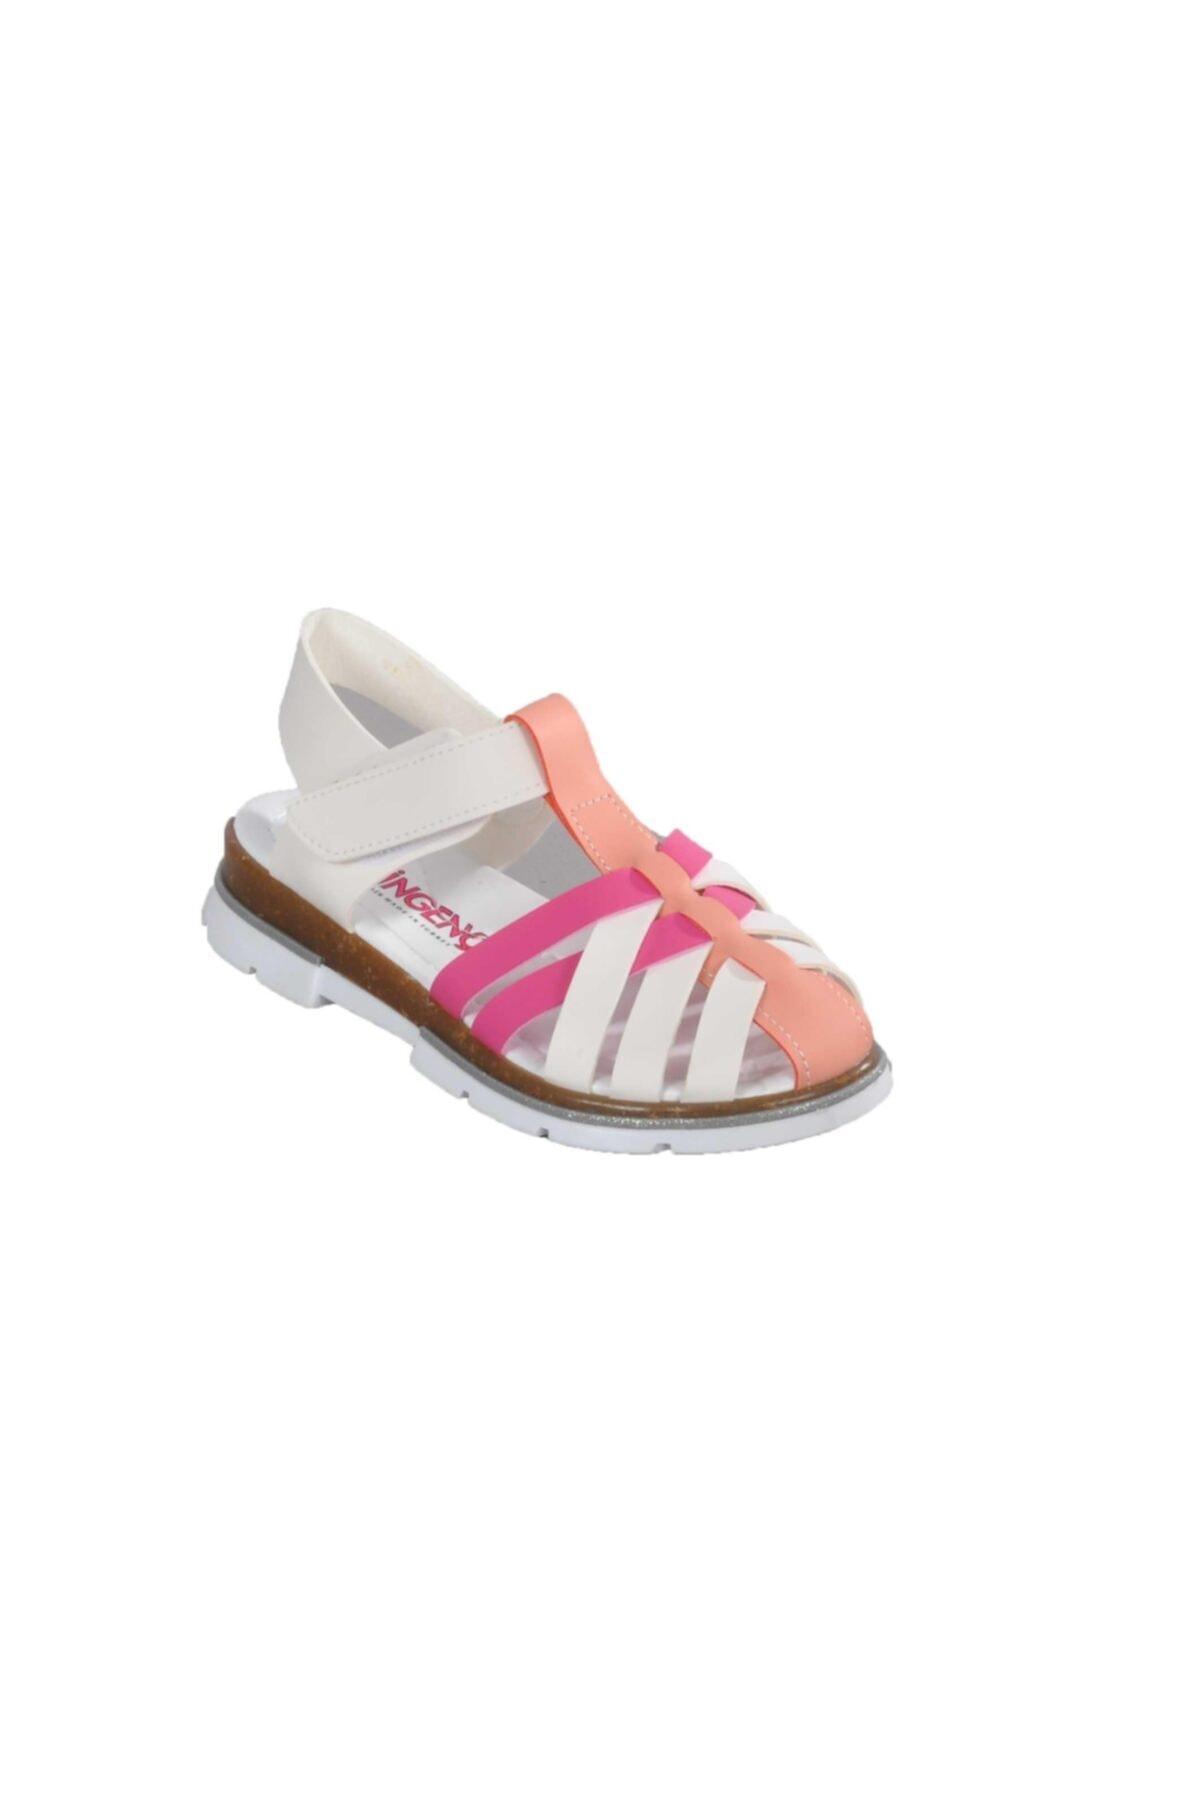 003 Beyaz-pembe Çocuk Günlük Ayakkabı